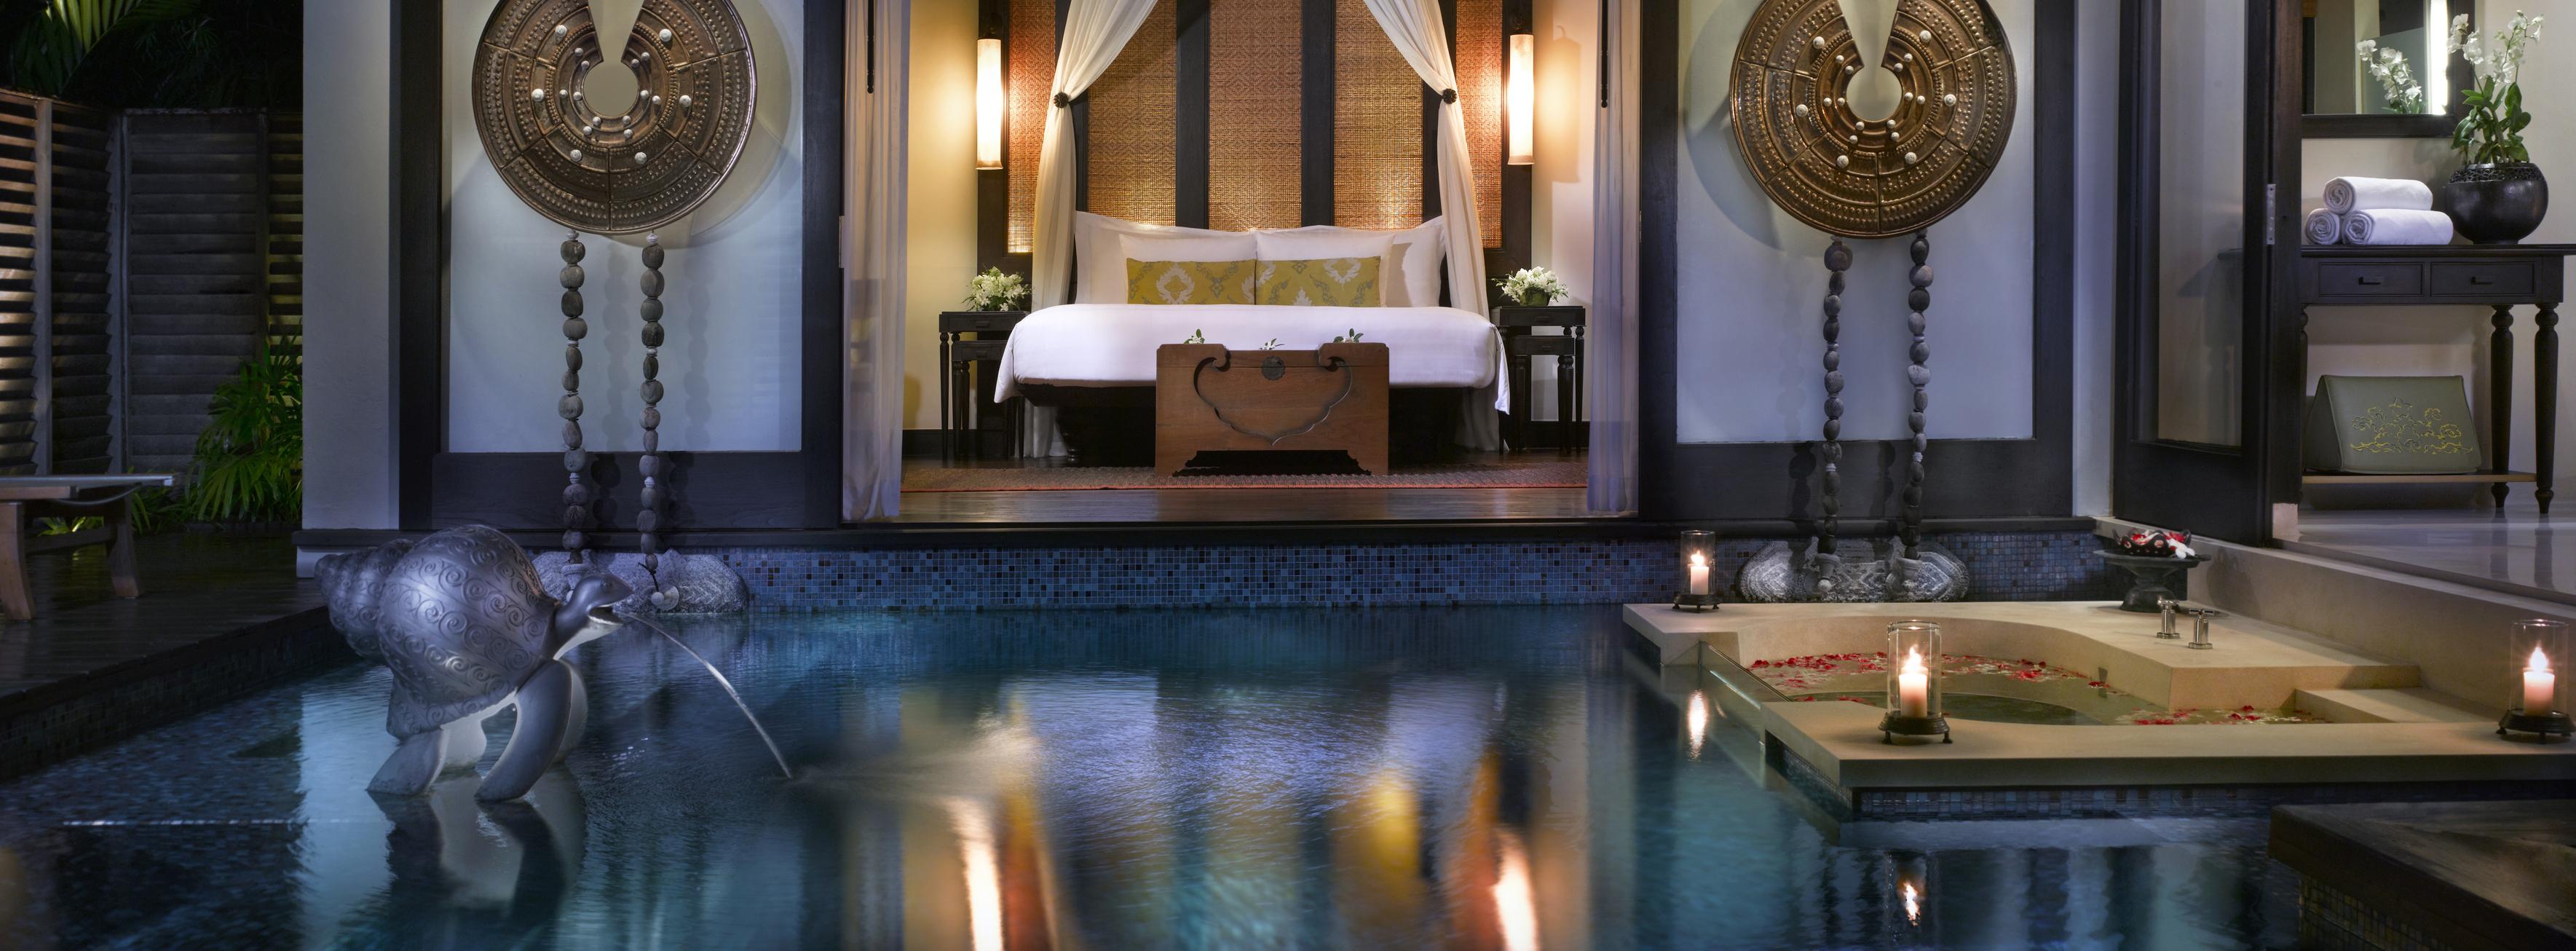 Pool_Villa_at_night_anantara_phuket